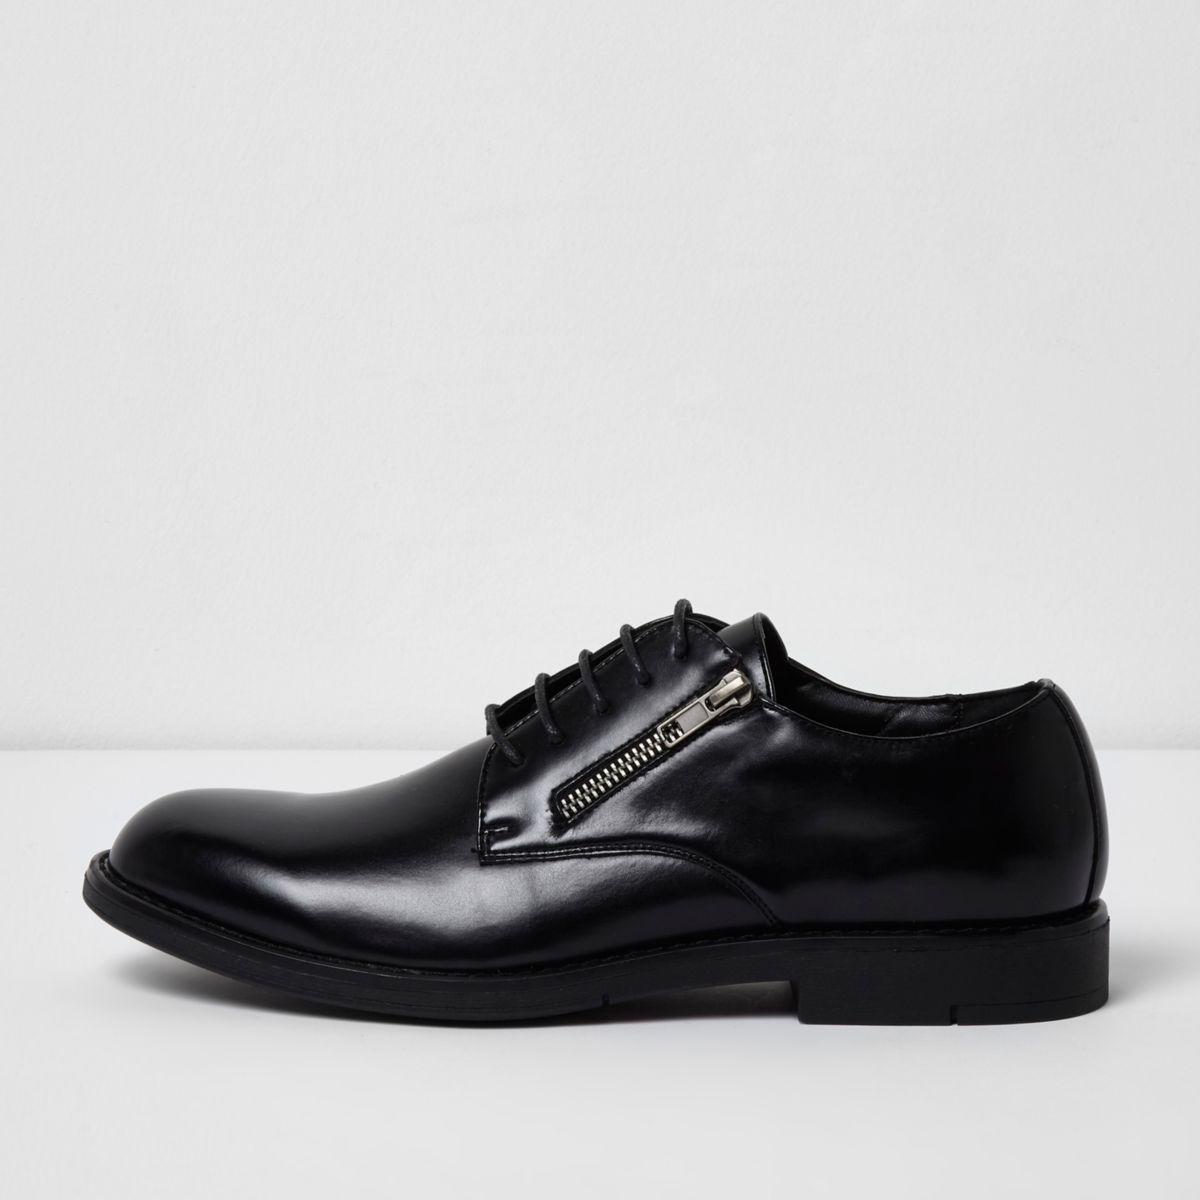 Chaussures habillées noires zippées à lacets